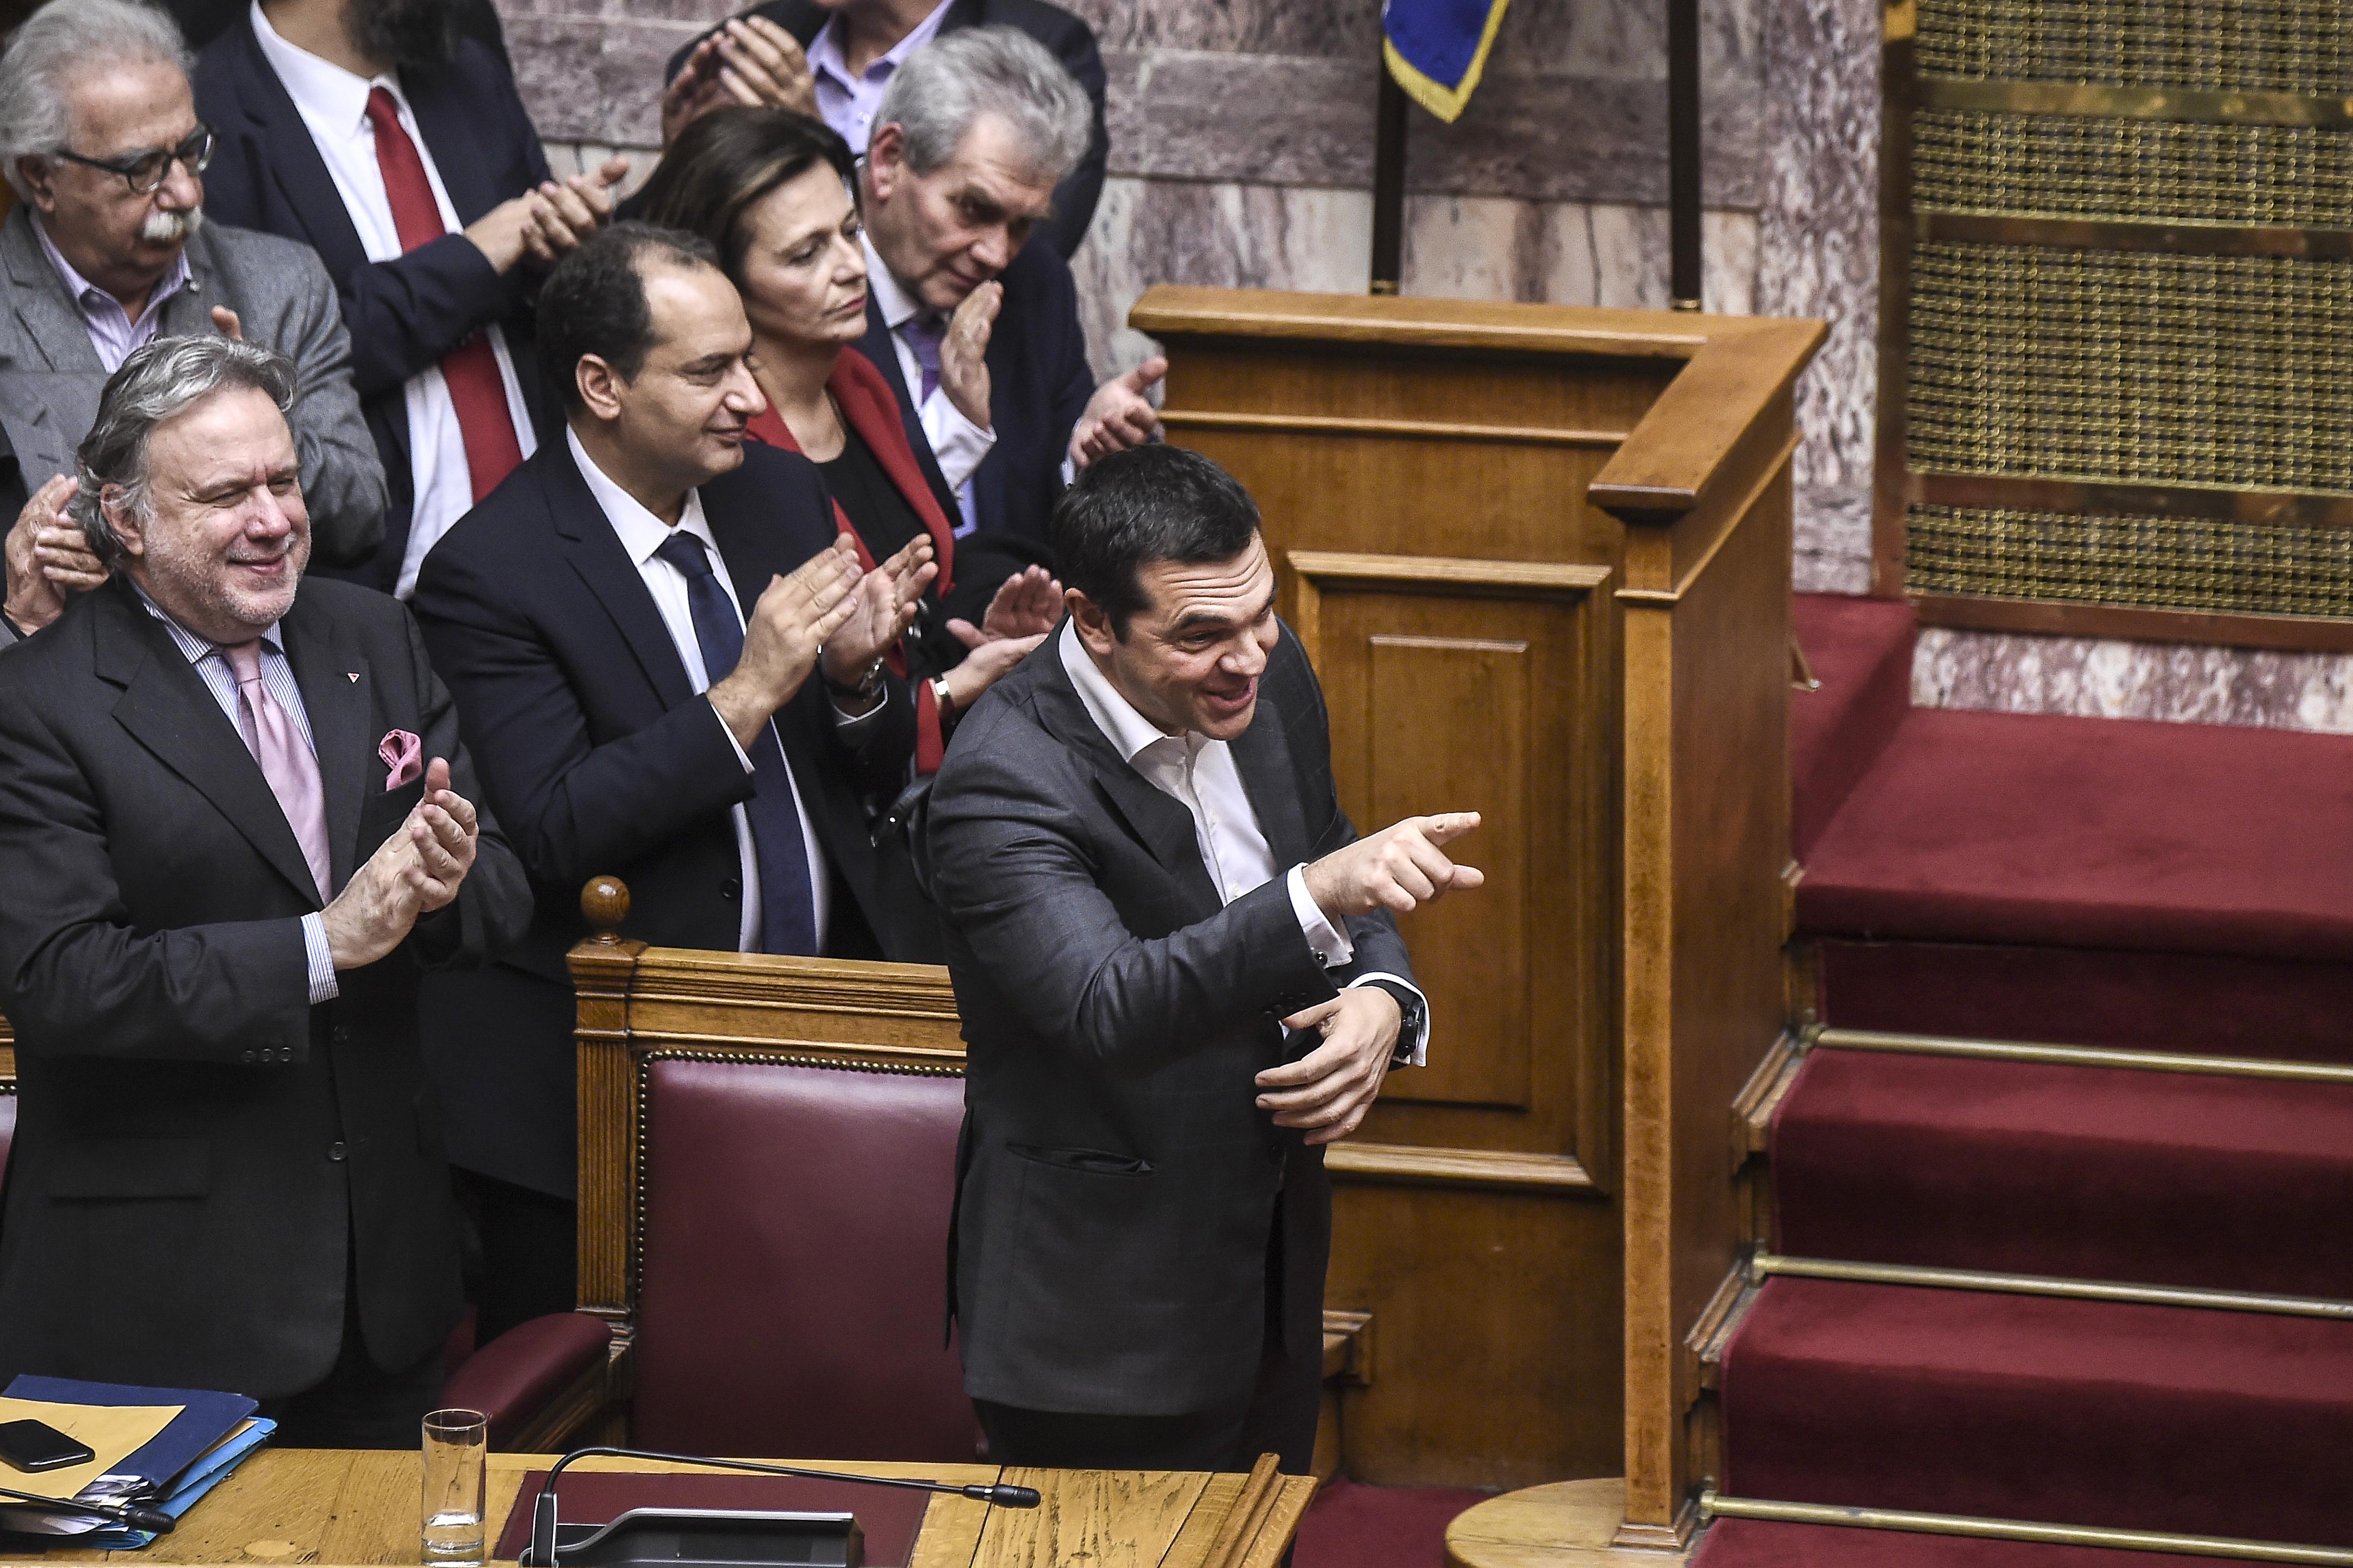 Háromnapos vita után a görög parlament végül elfogadta Macedónia új nevét